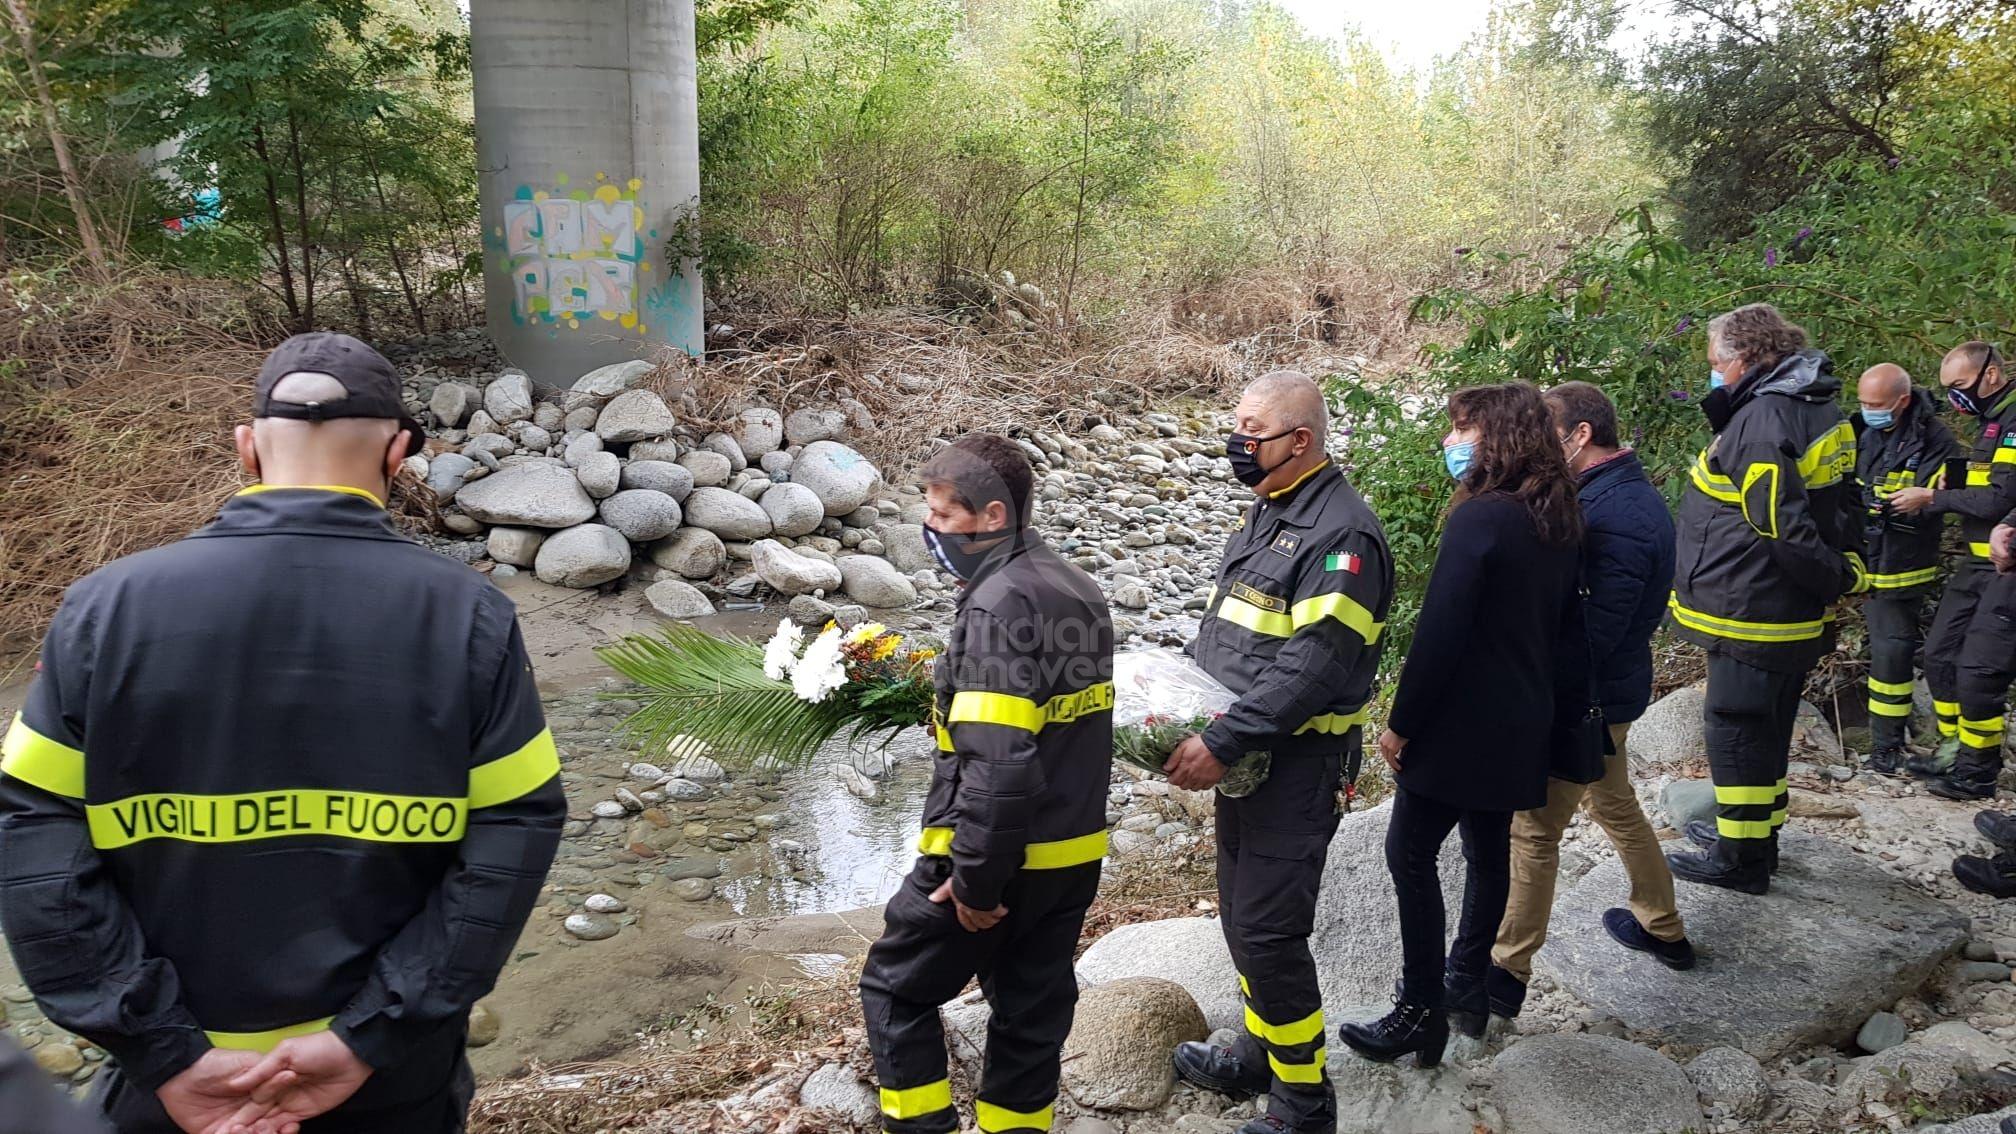 CASTELLAMONTE - Vigile del fuoco perde la vita nell'alluvione: dopo vent'anni è ancora vivo il ricordo di Bartolomeo Califano - FOTO e VIDEO